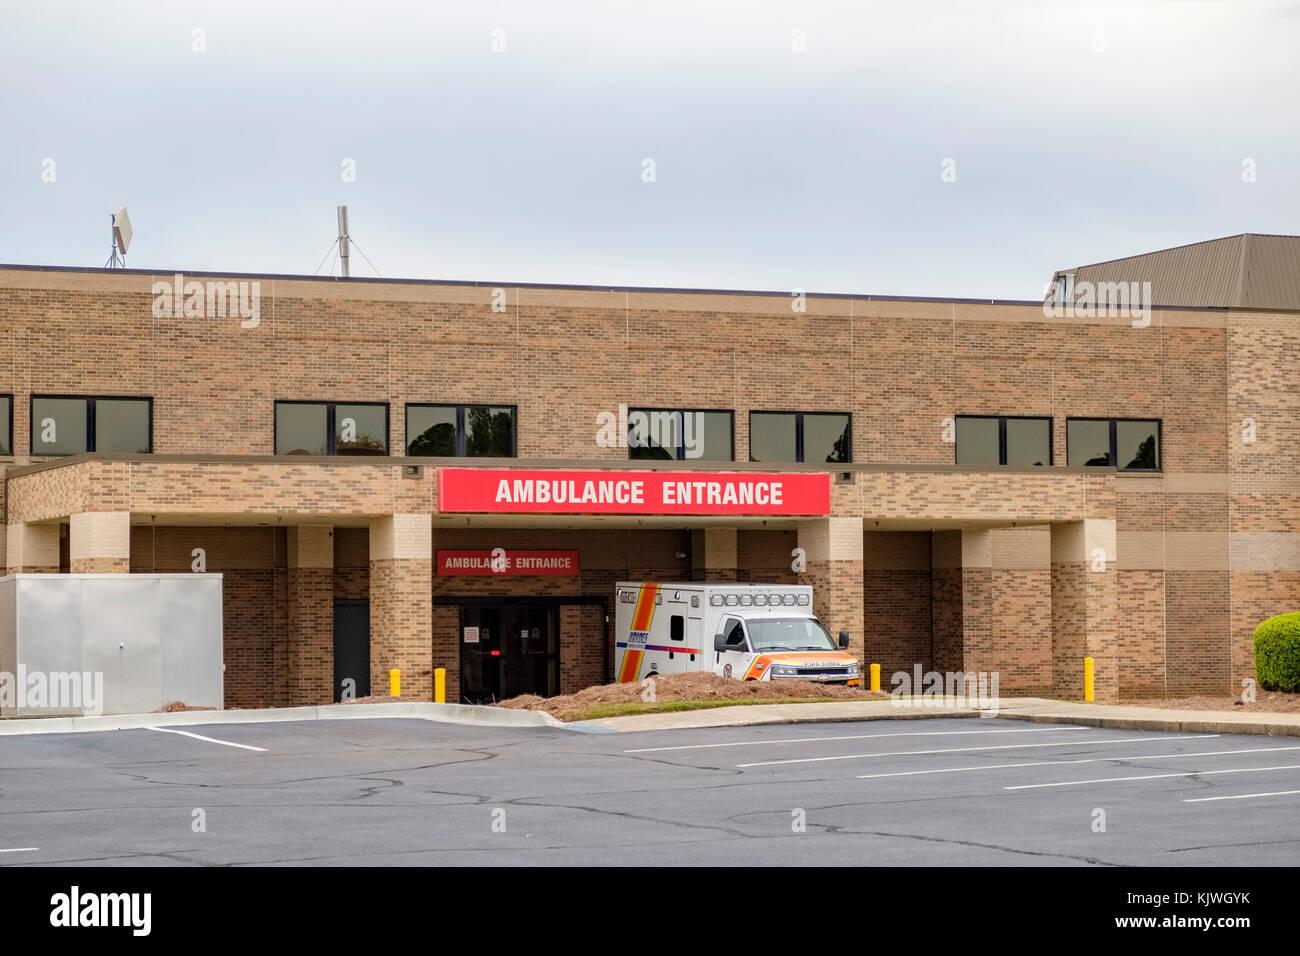 Hospital exterior emergency ambulance entrance, Montgomery Alabama USA. - Stock Image